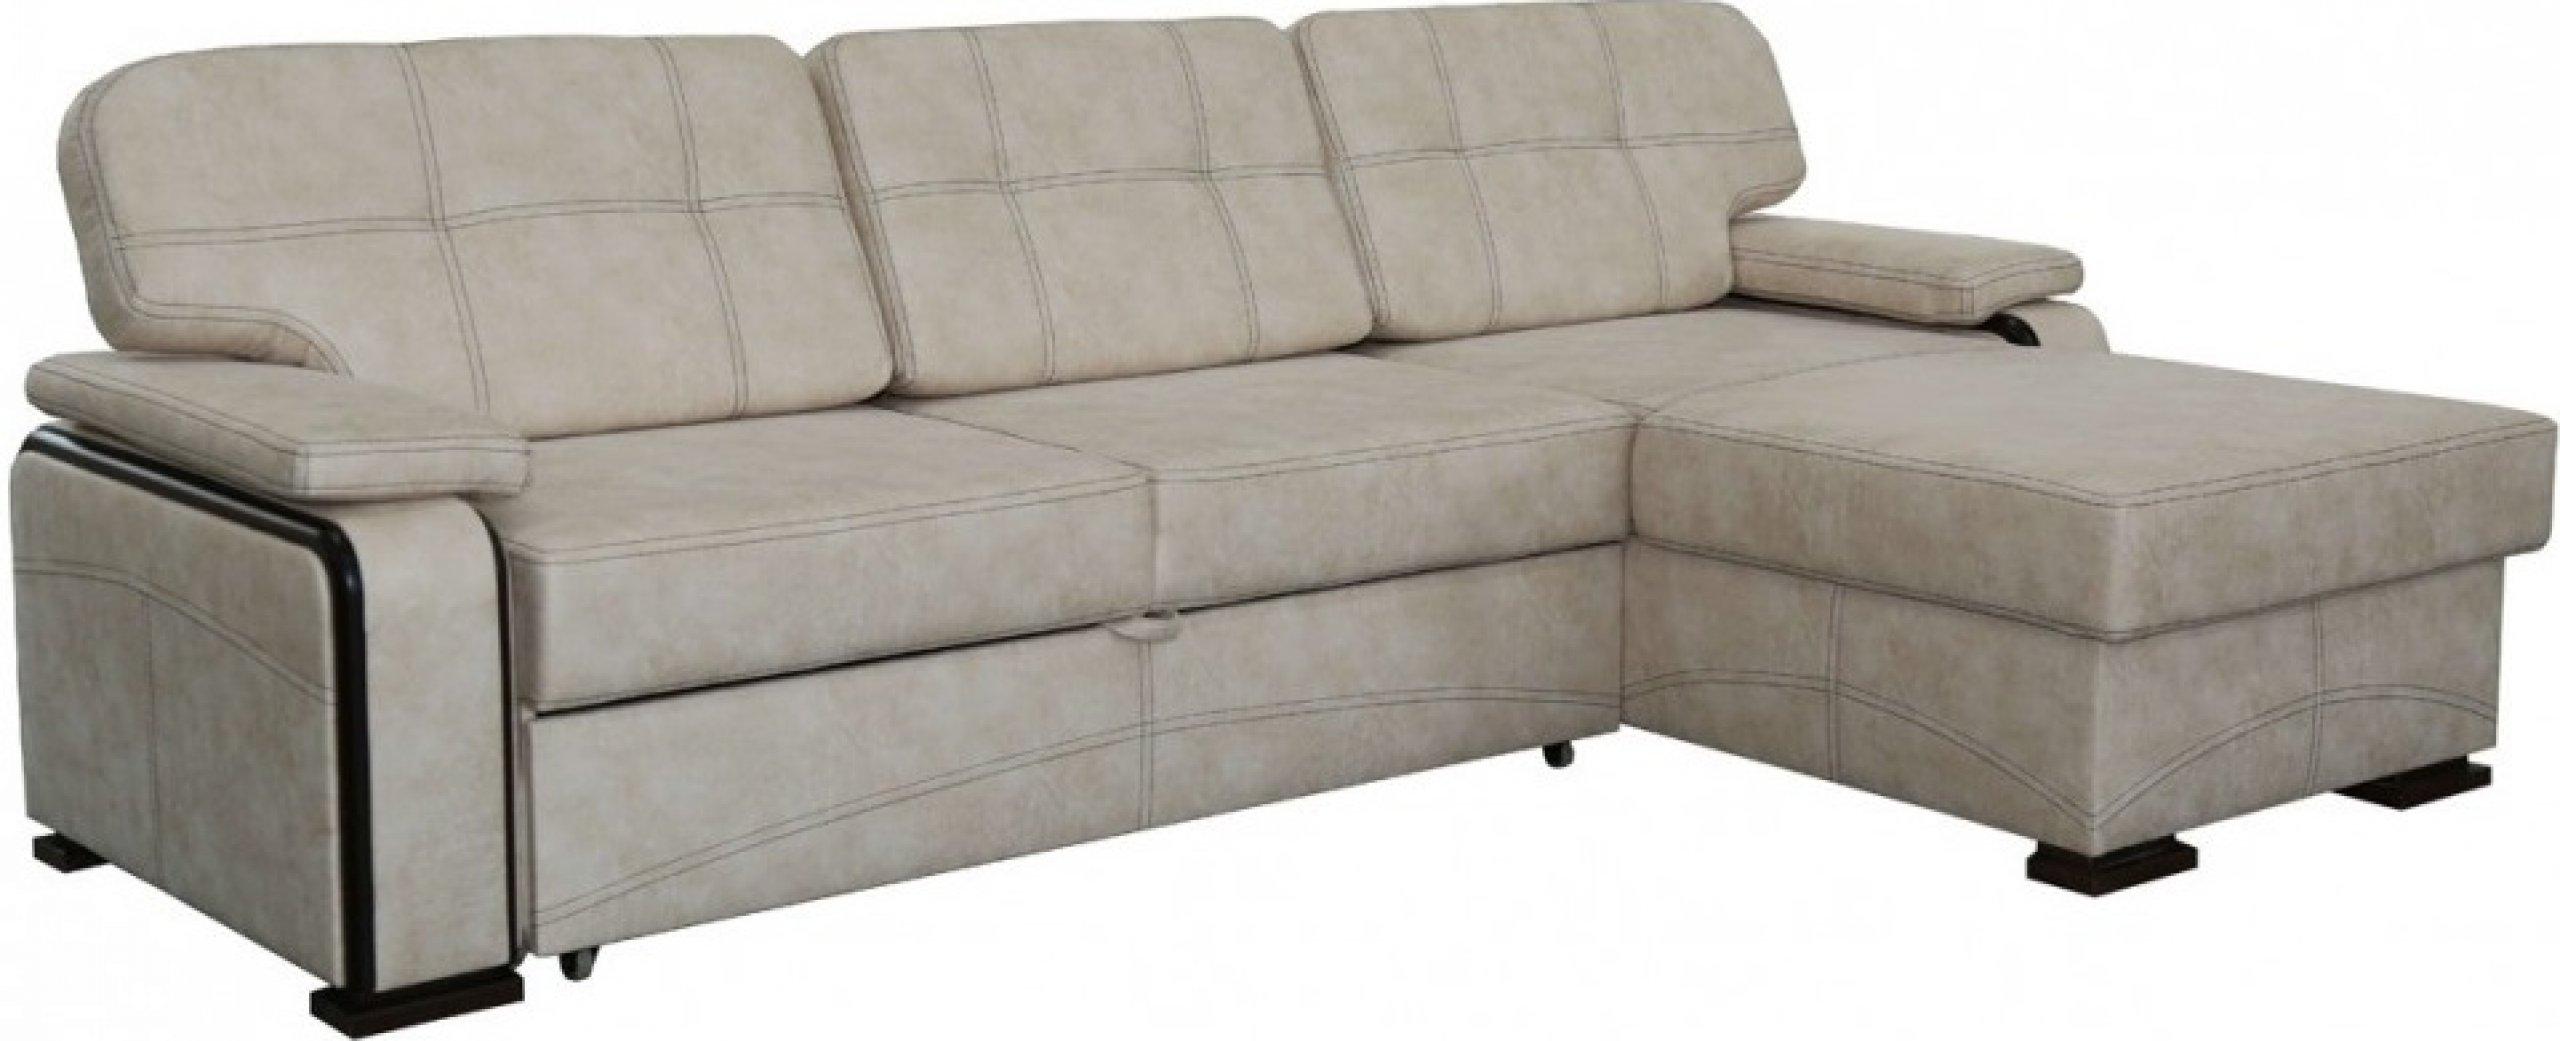 угловой диван даллас с подъемником 17841 грн продажа по украине